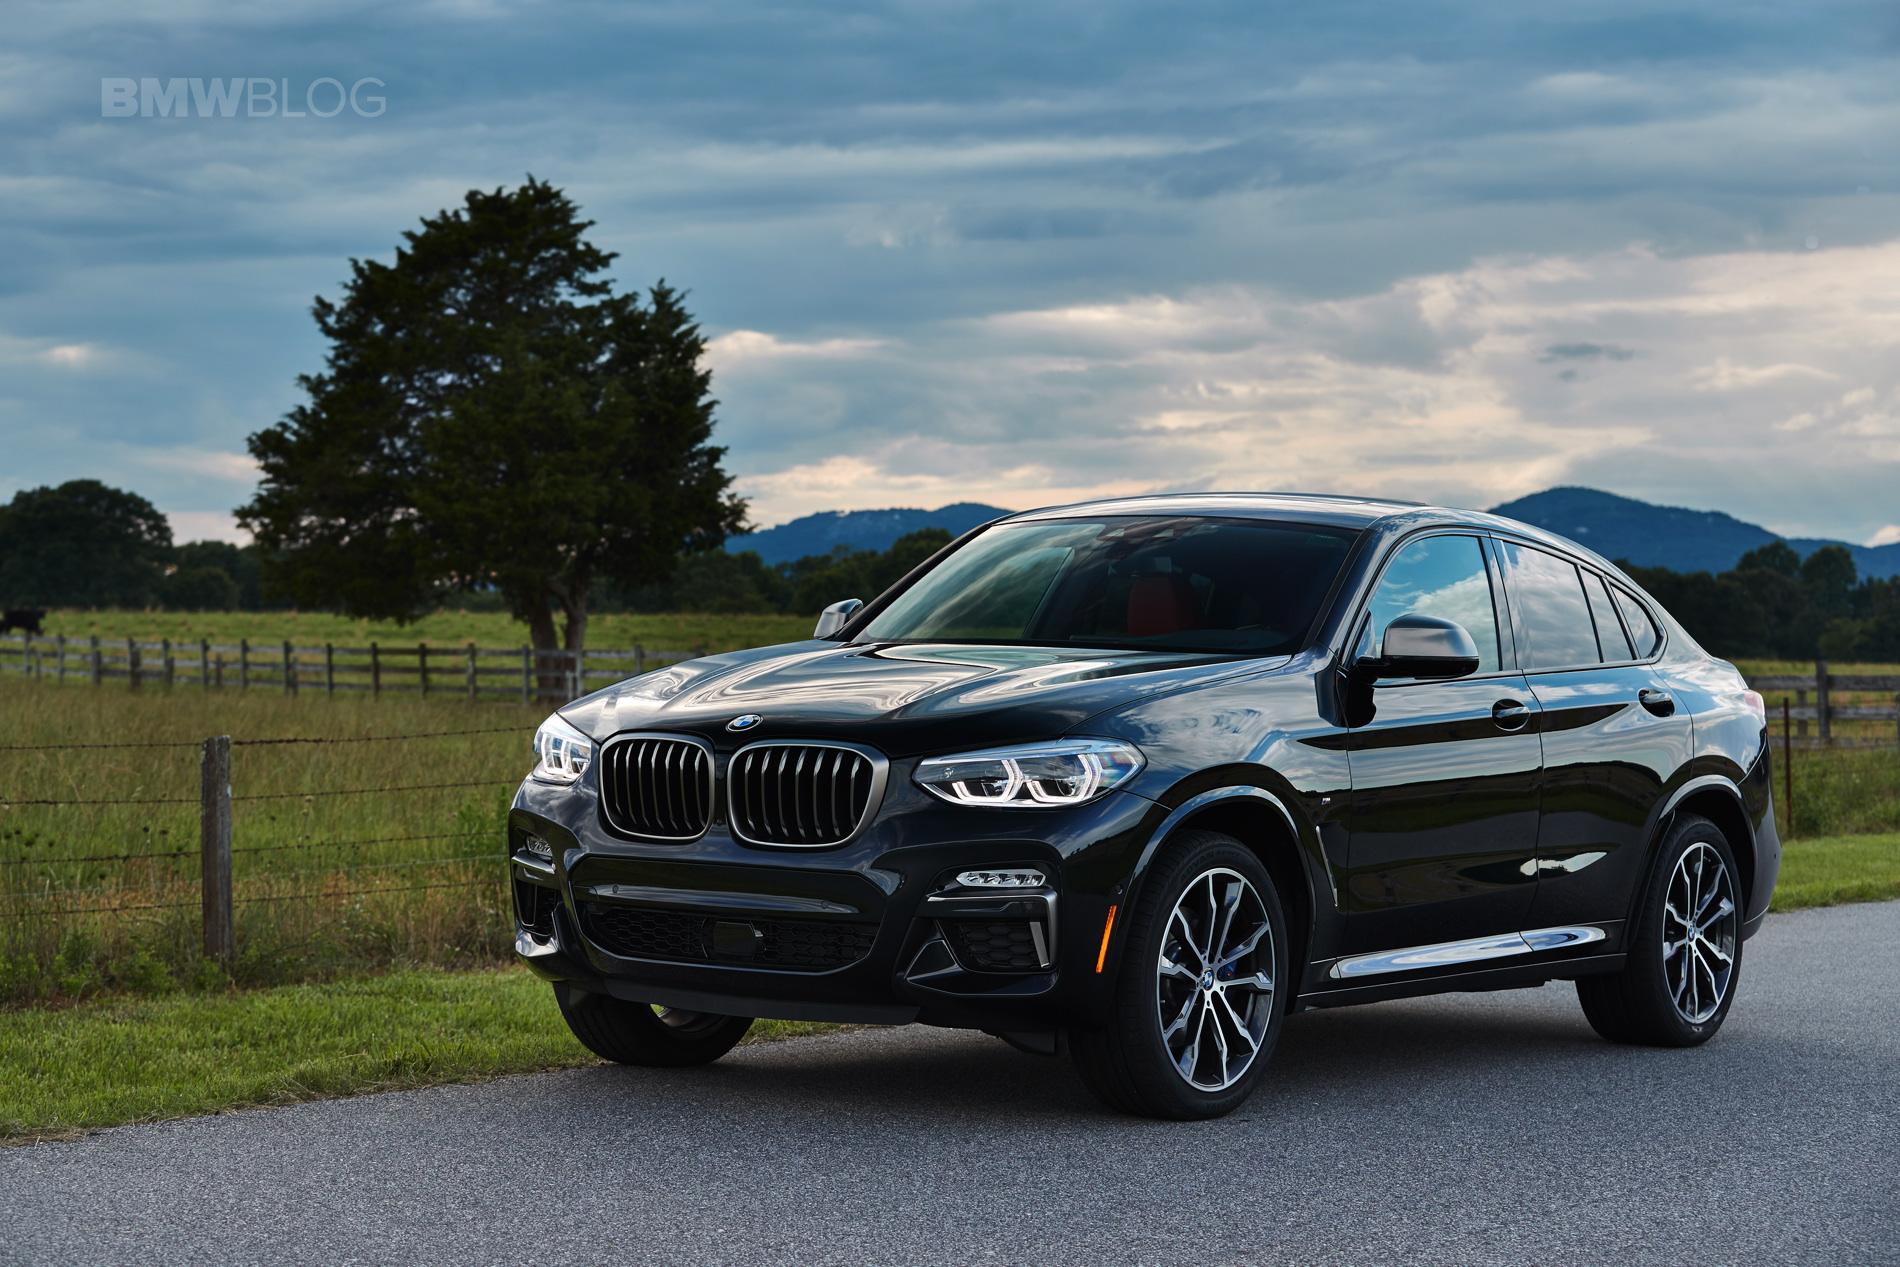 SPIED: рестайлинг BMW X4 M40i 2022 года выдерживает зимние испытания